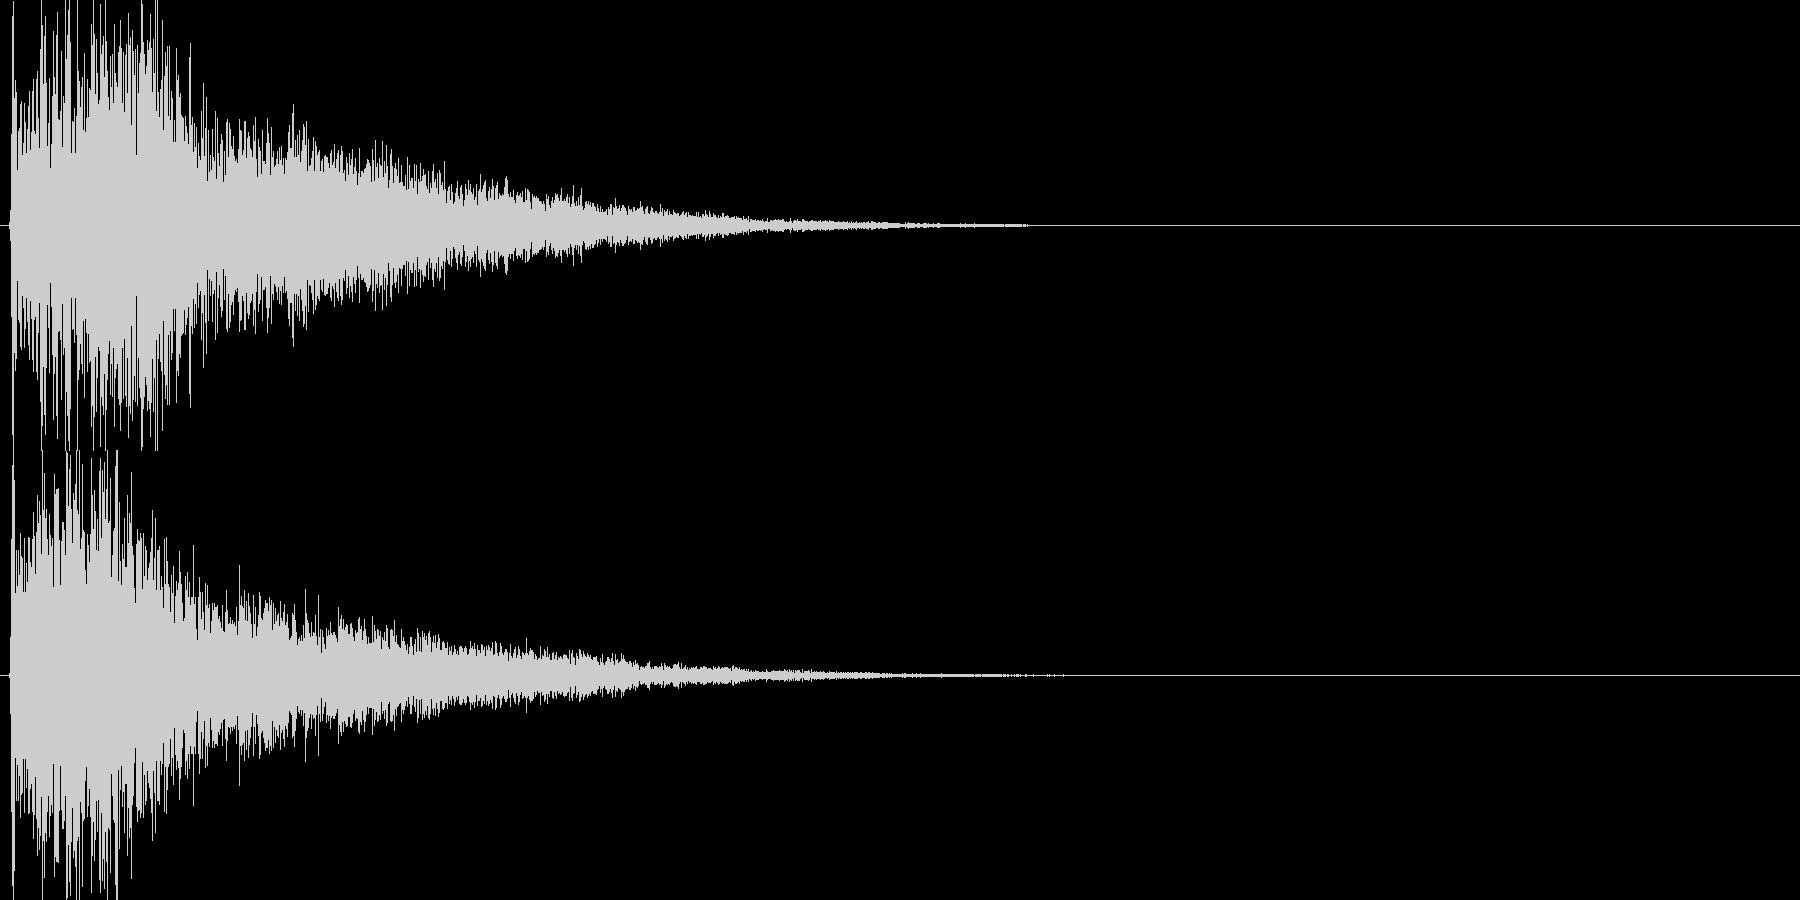 キラーン(決定音、起動音、ゲームアプリ)の未再生の波形